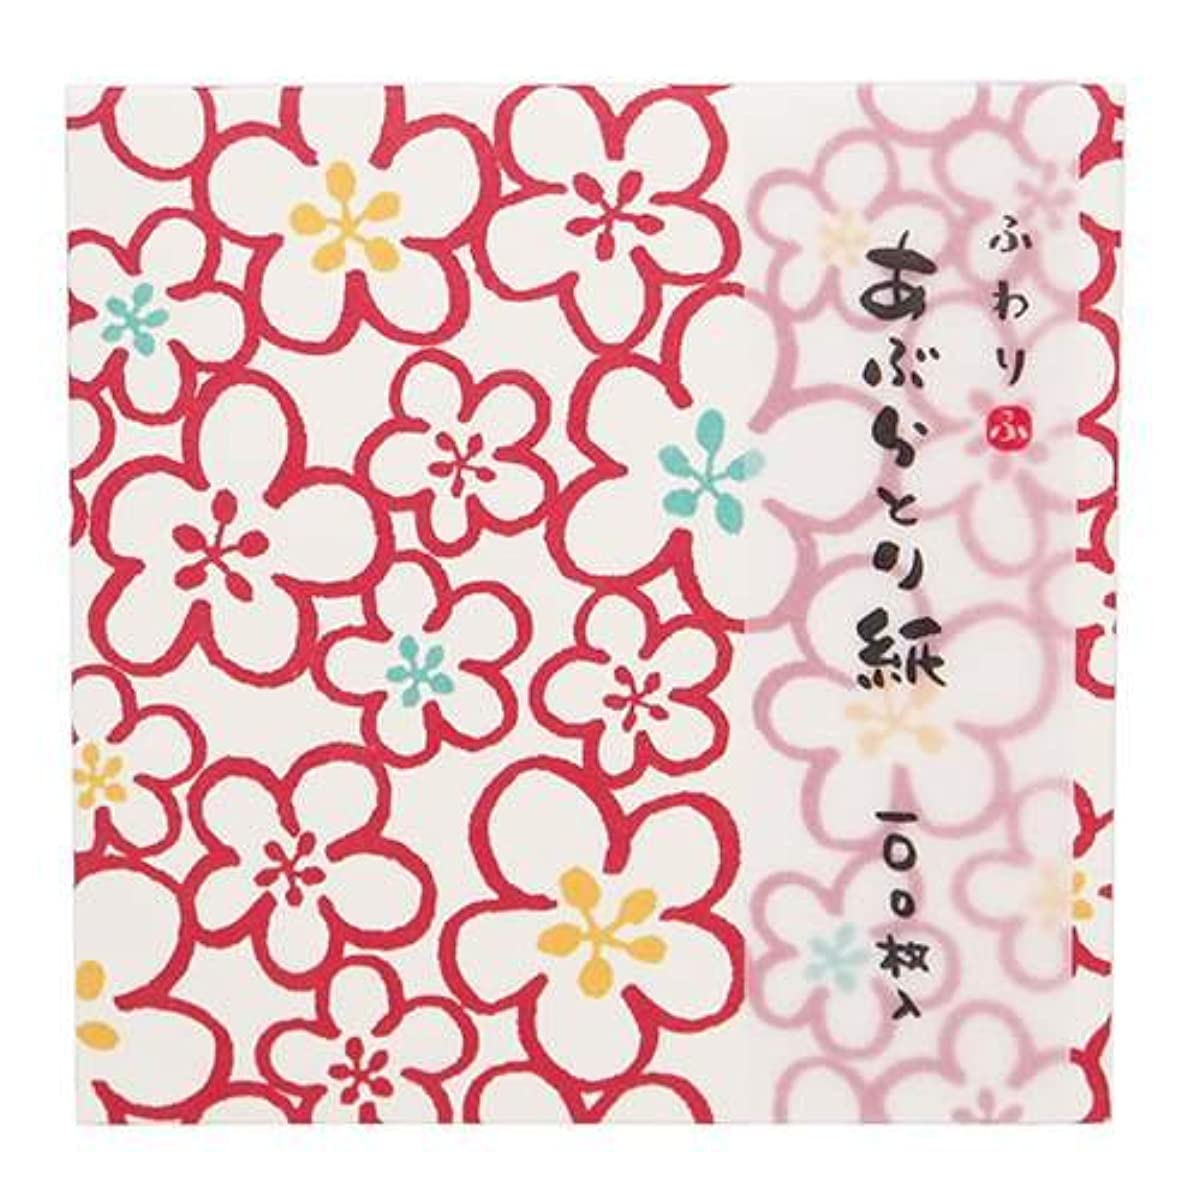 銛デクリメント血まみれふわり[あぶらとり紙]/うめ フロンティア 大人可愛い 日本製 グッズ 通販